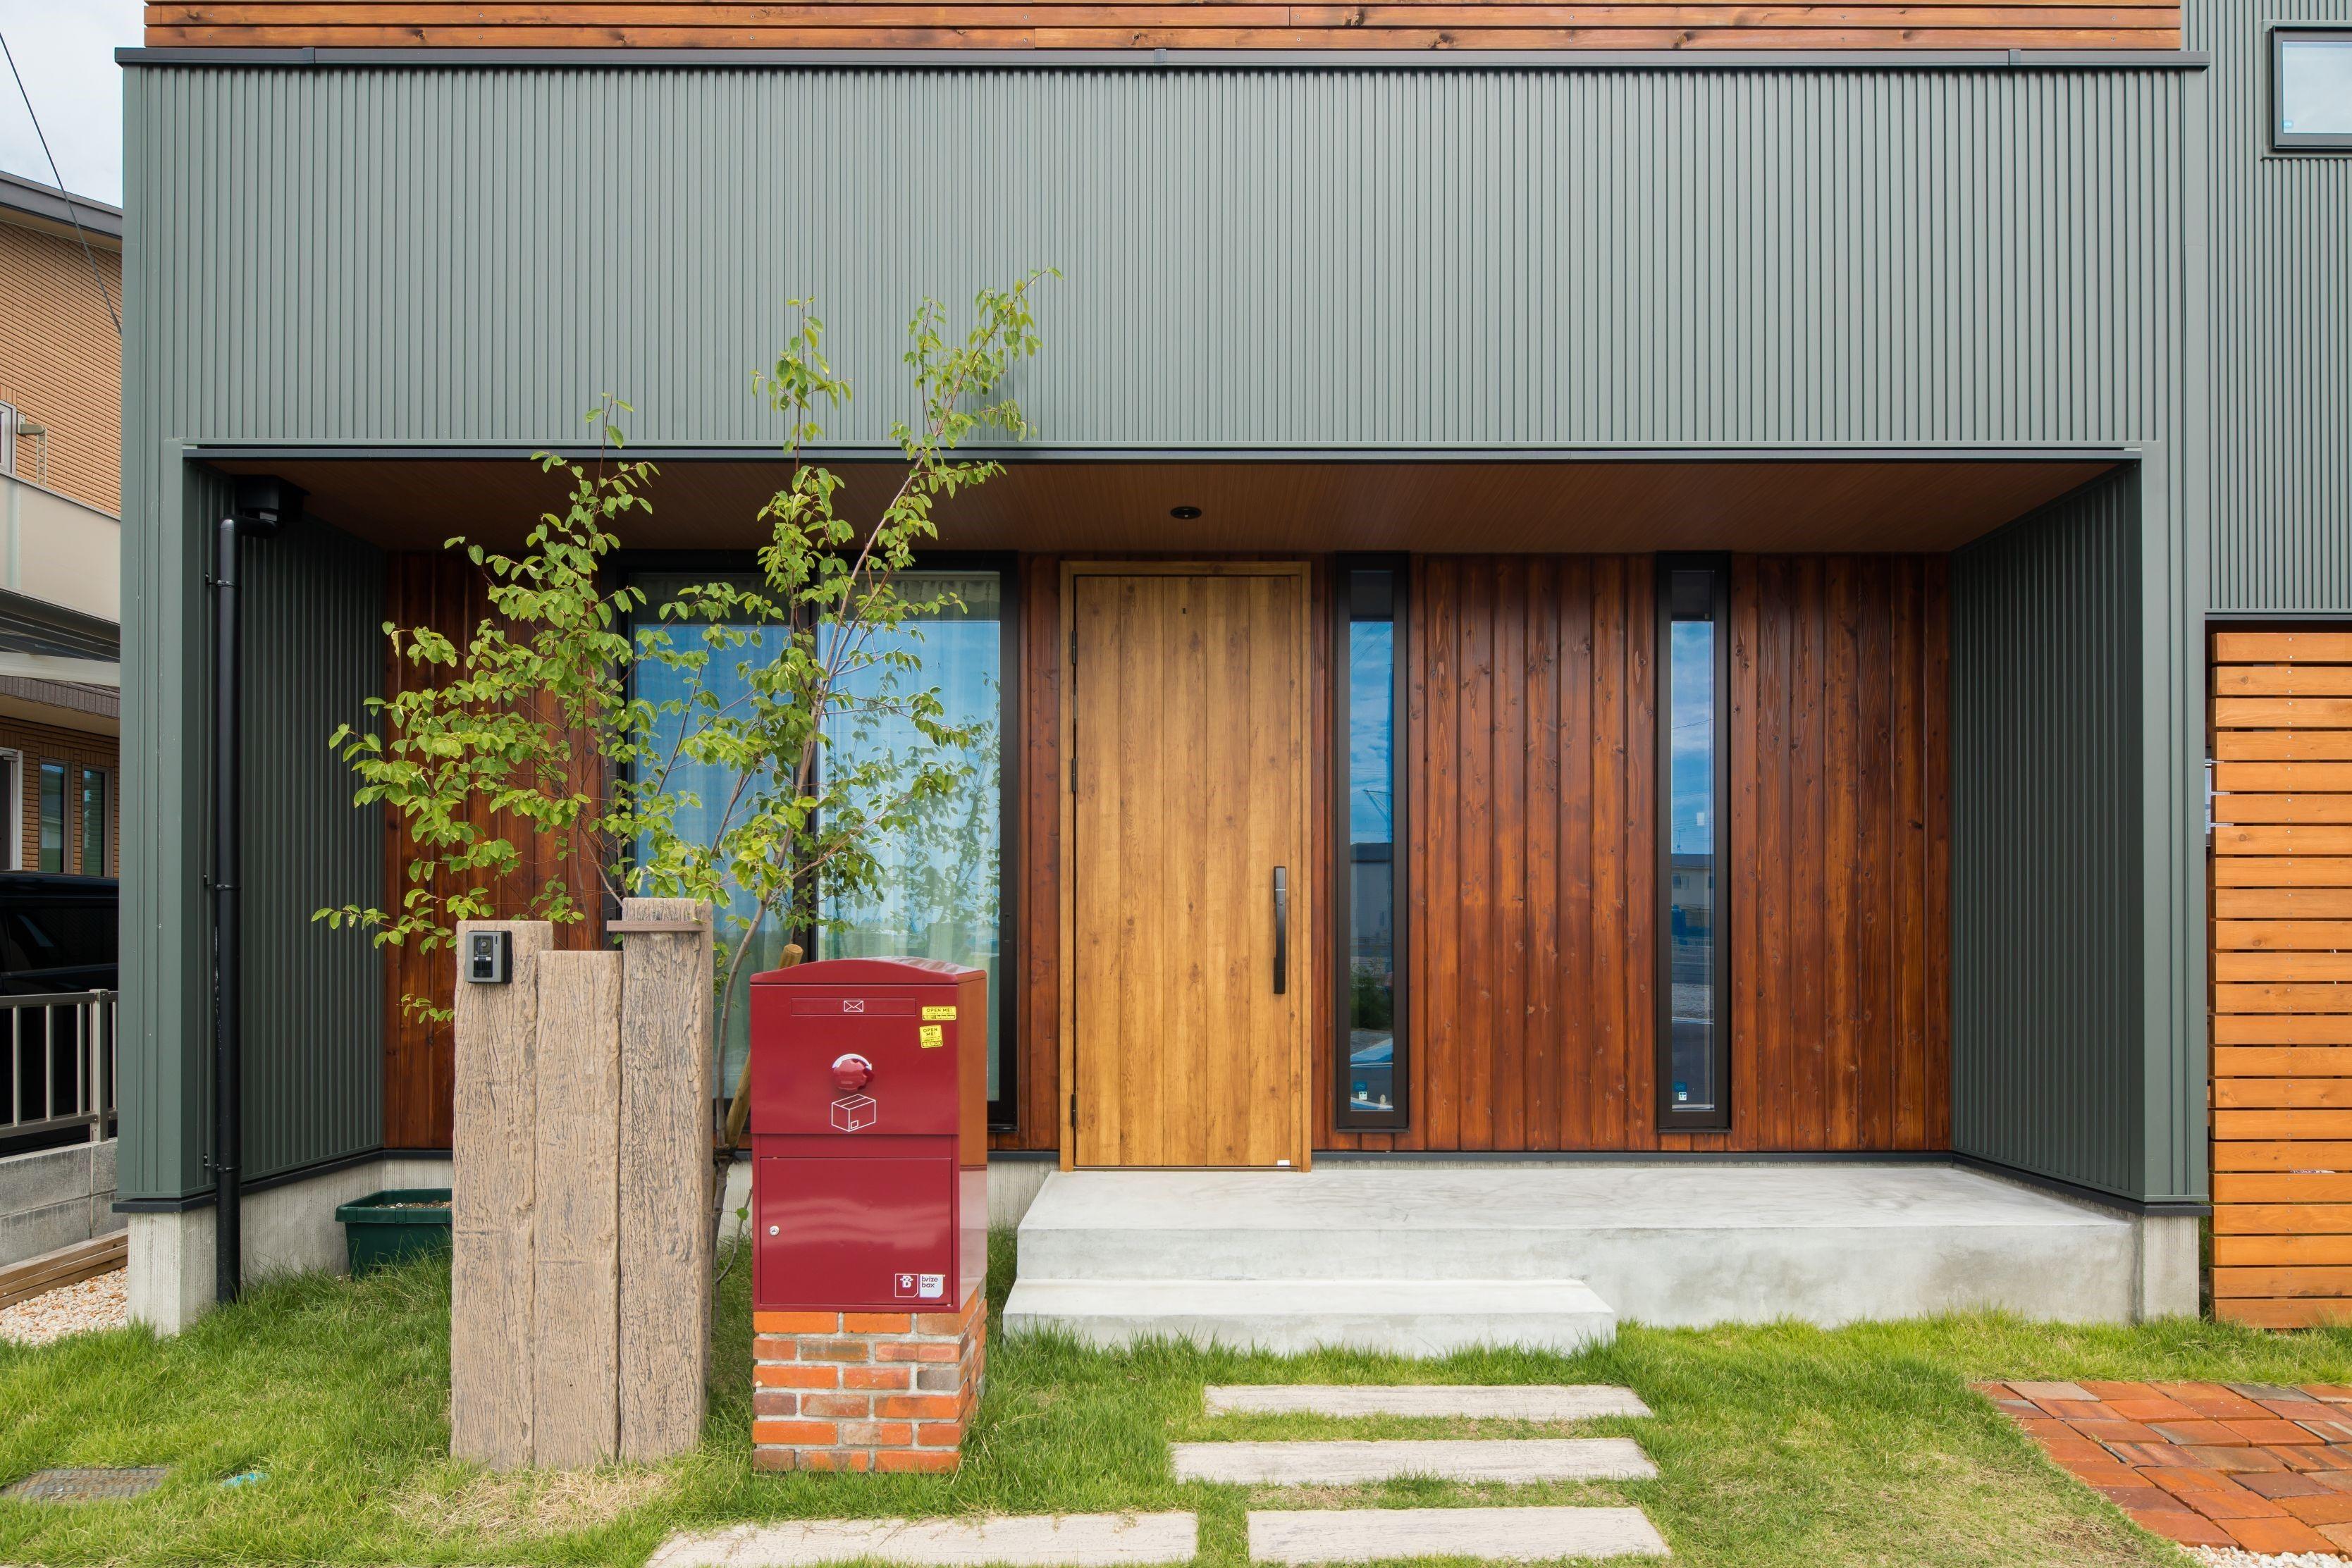 植栽とポストをバランス良く配置した玄関アプローチ ルポハウス